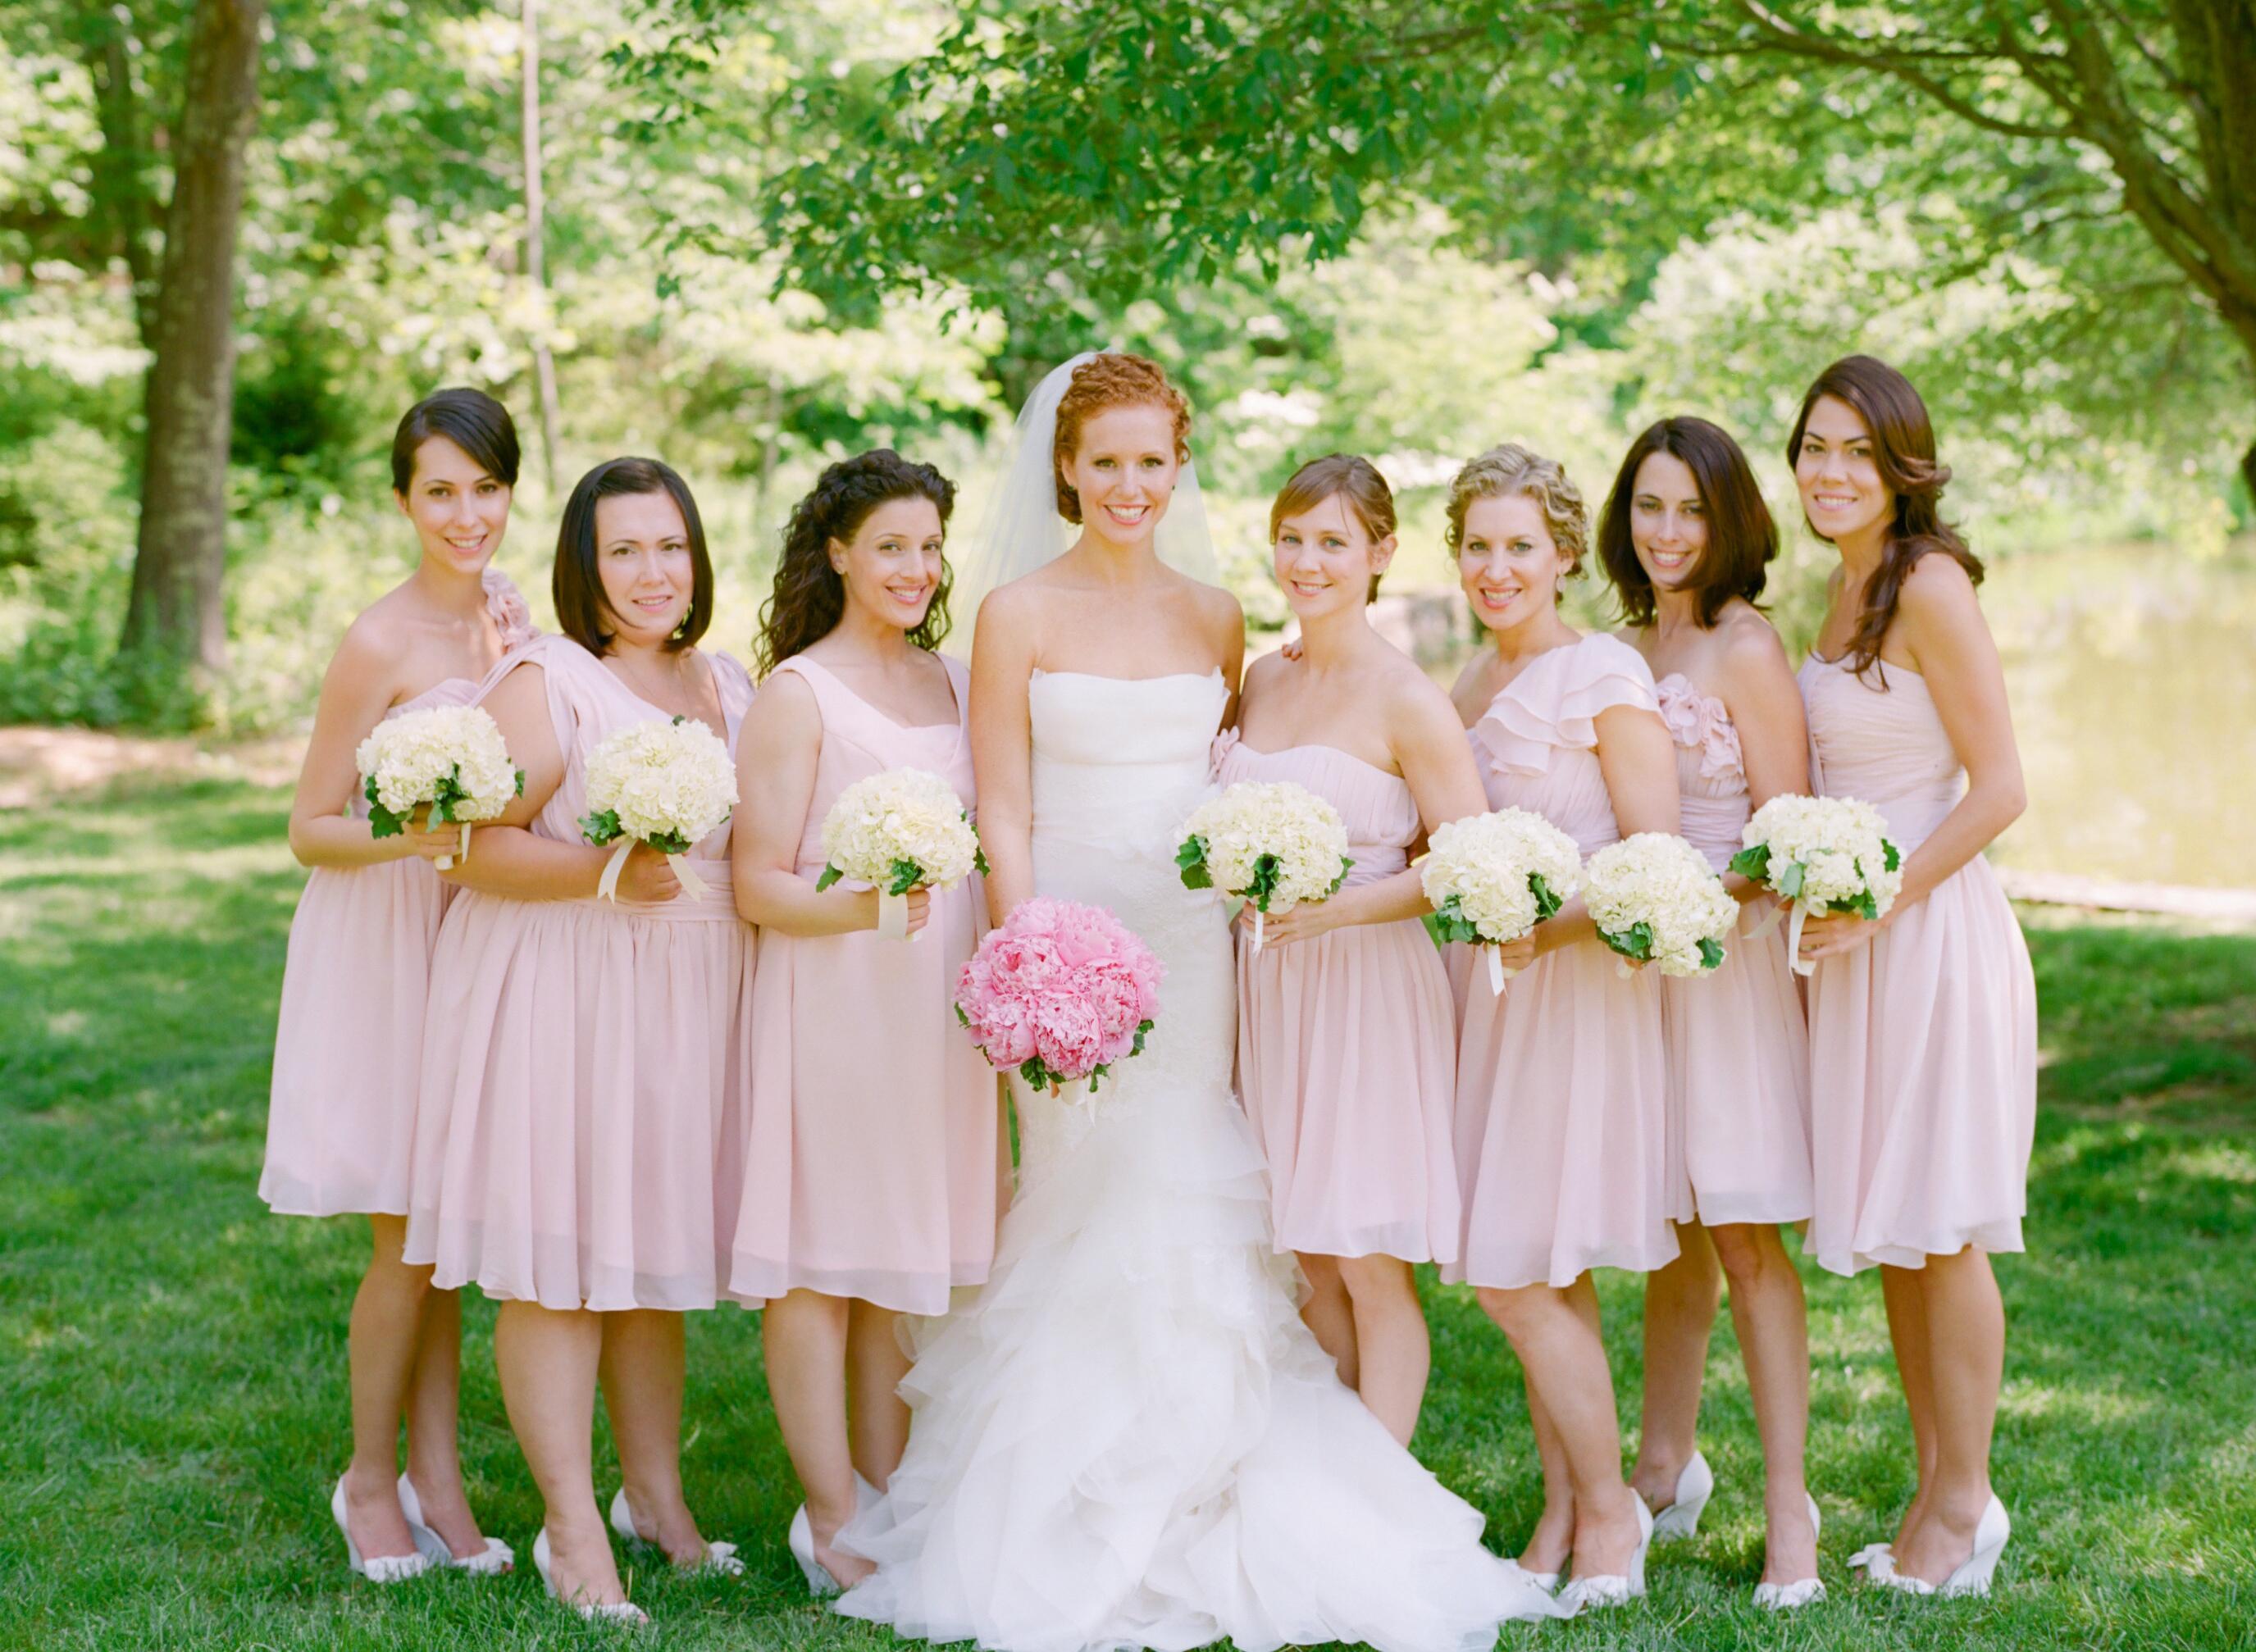 Short Pale Pink Bridesmaids Dresses  Elizabeth Anne